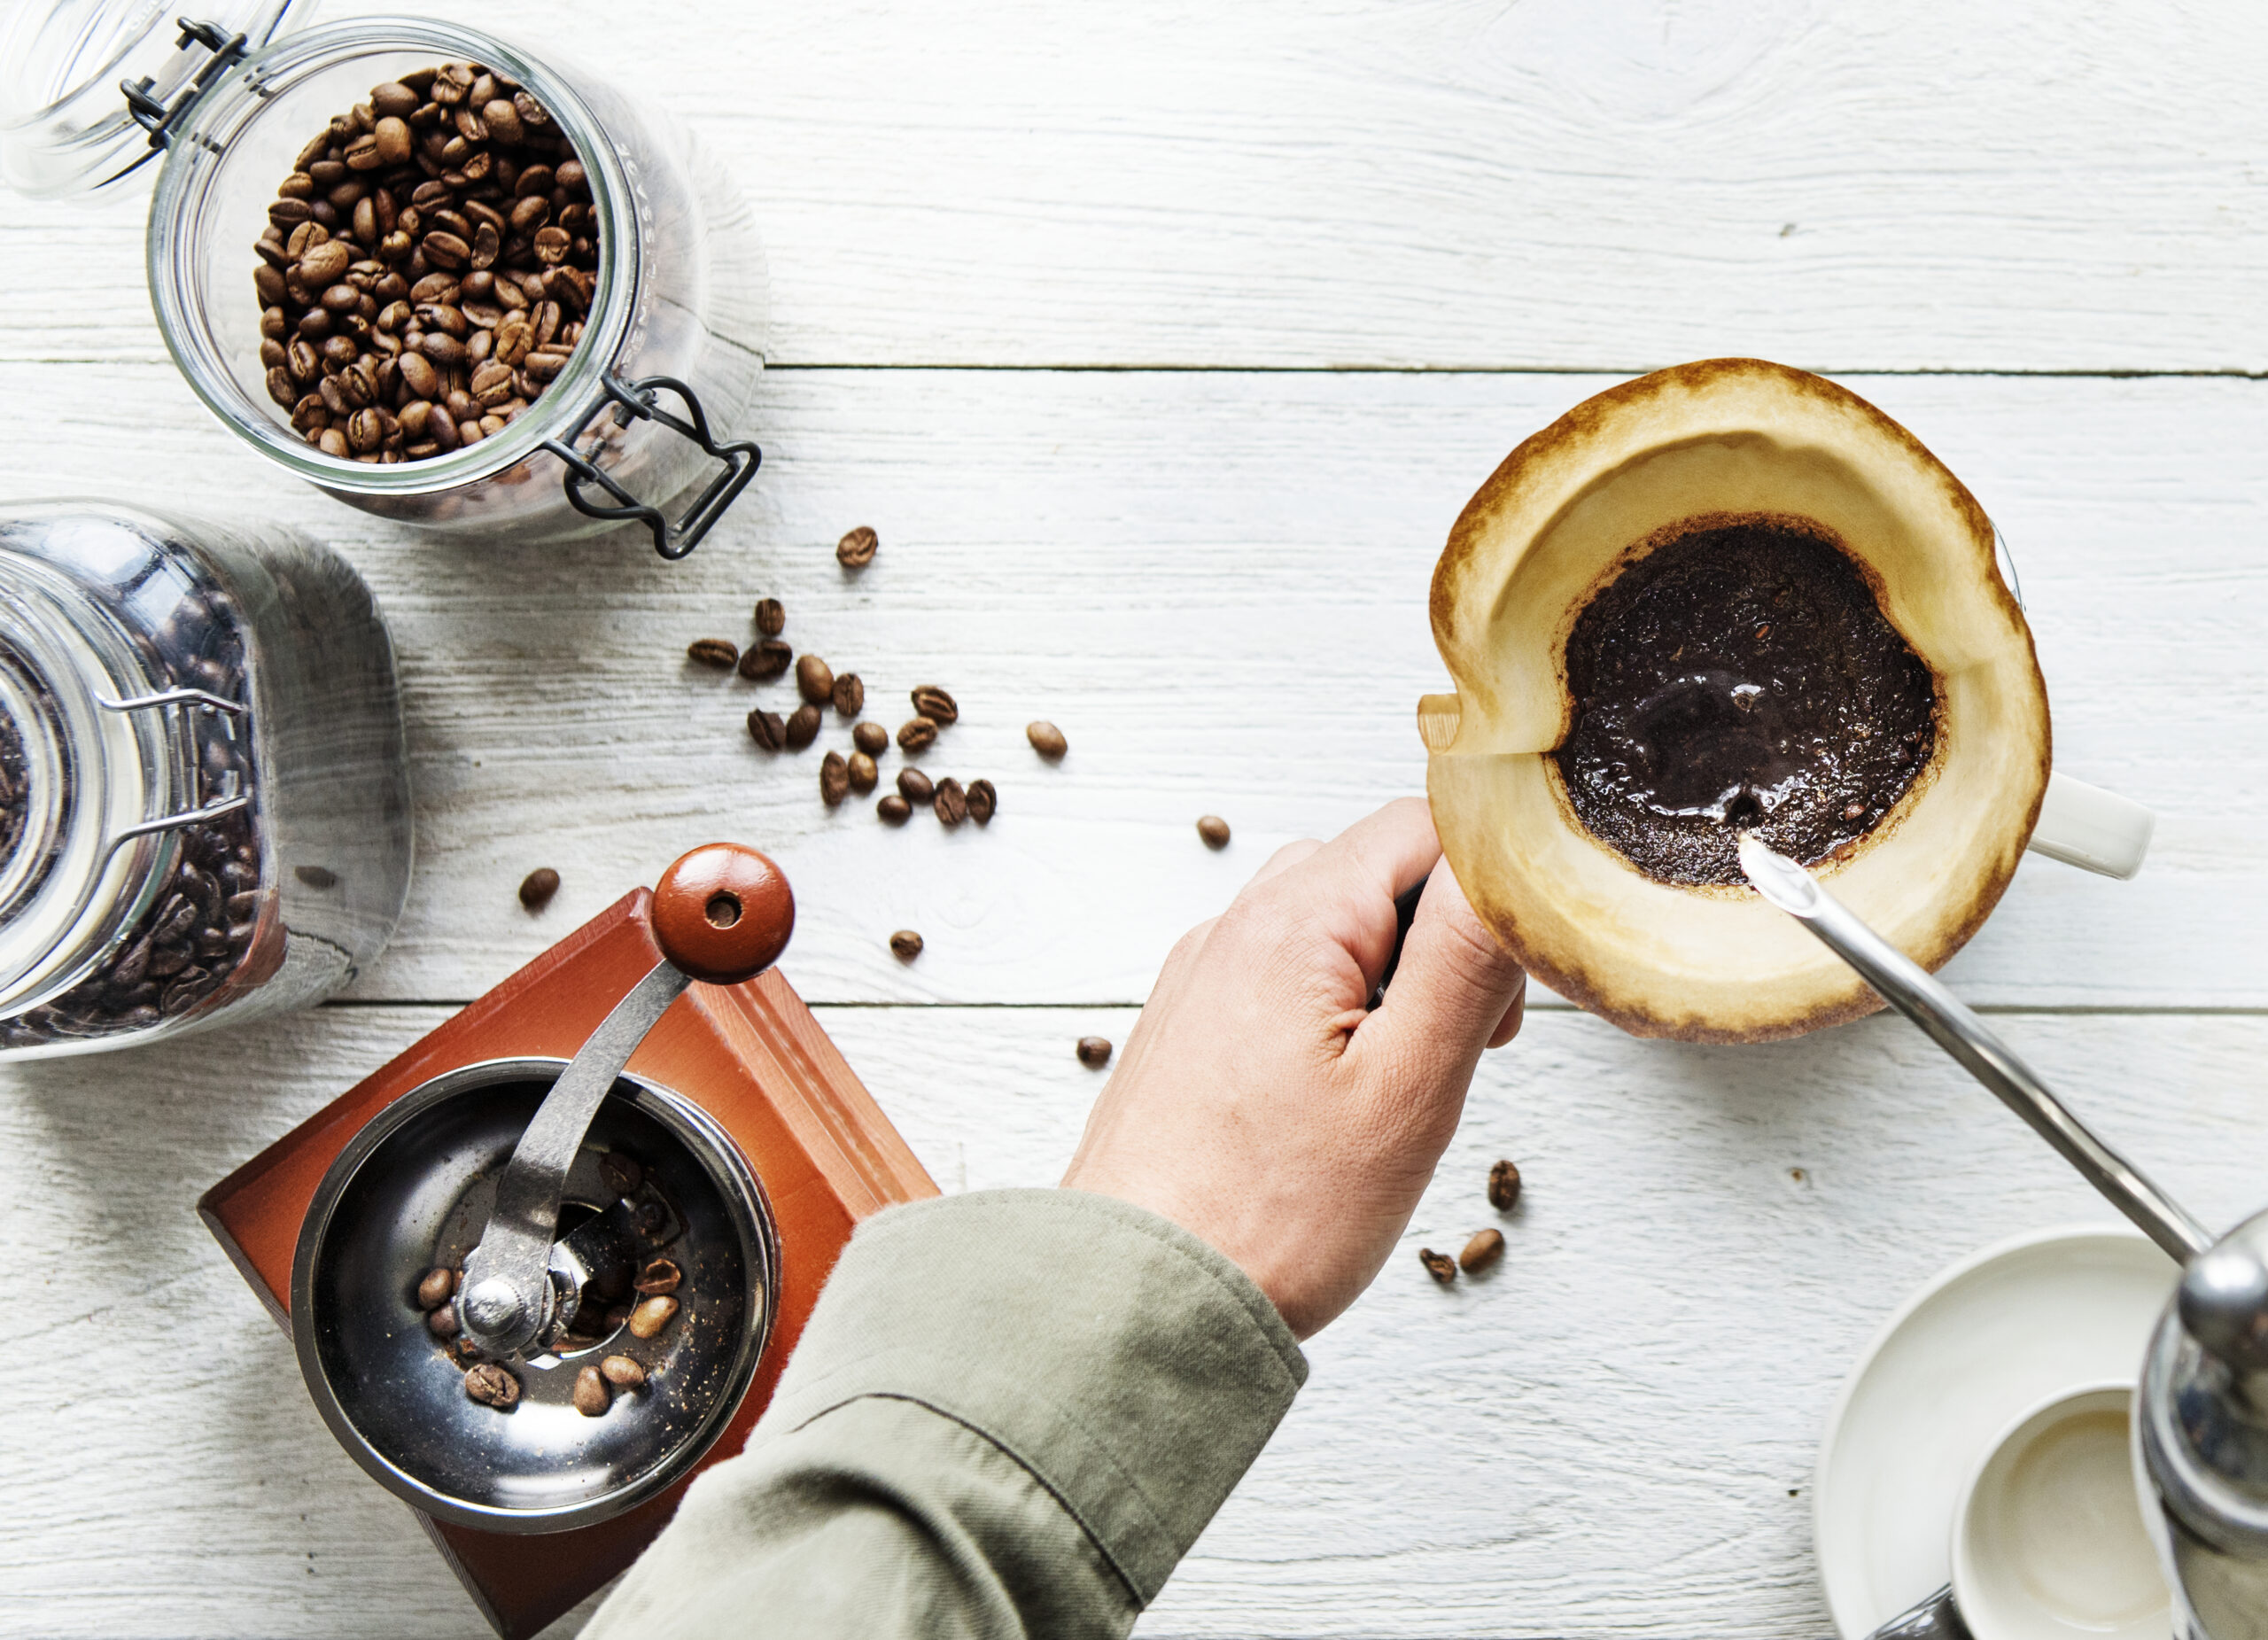 Tipps für die perfekte Kaffeefilter-Zubereitung und Kaffeegenuss pur